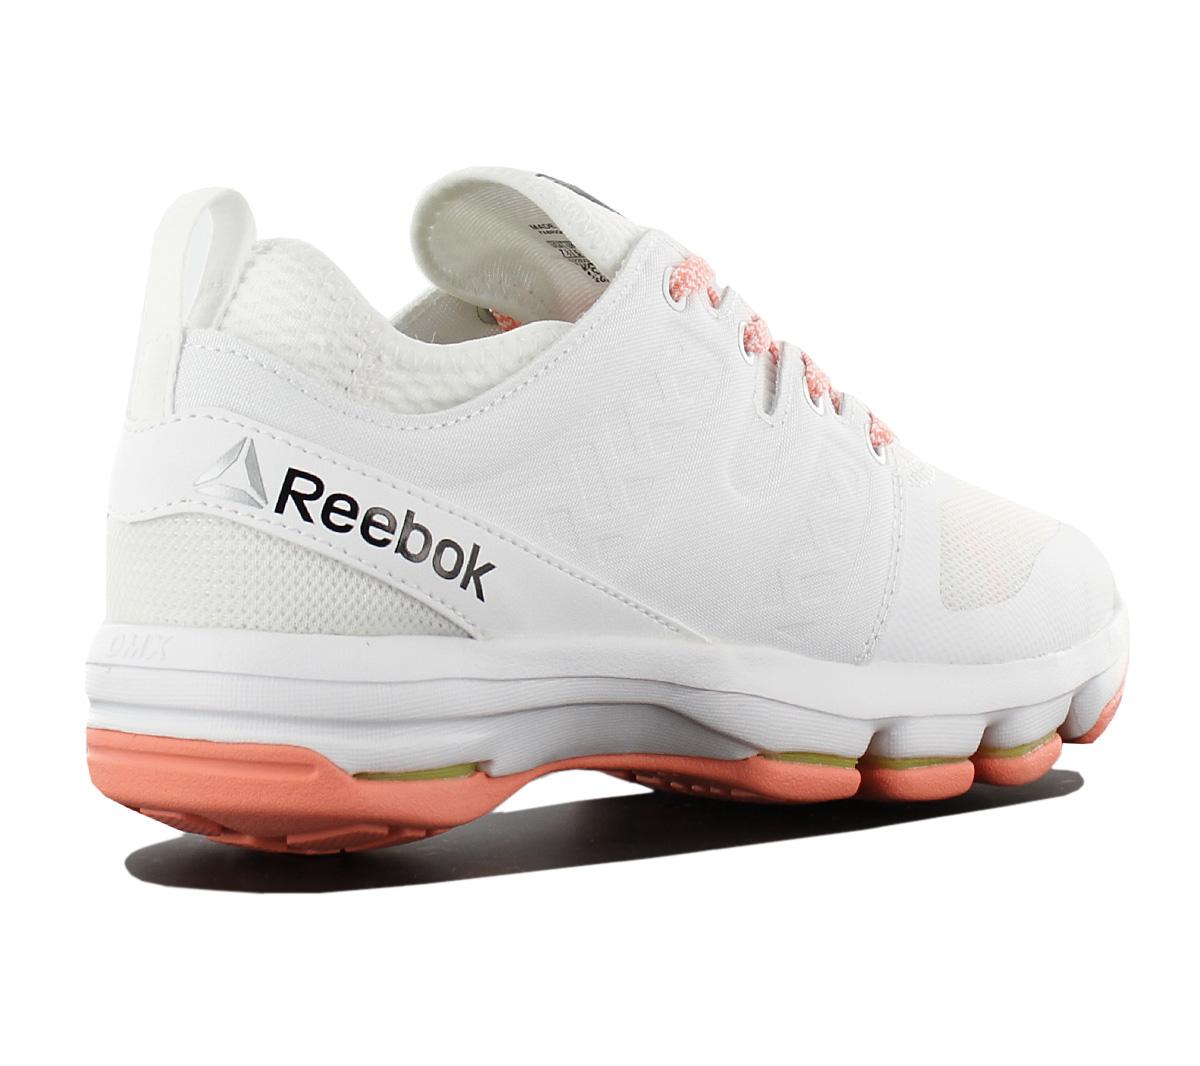 83baafb57253 Reebok Cloudride DMX Women s Fitness Walking Sport Shoe Trainers ...